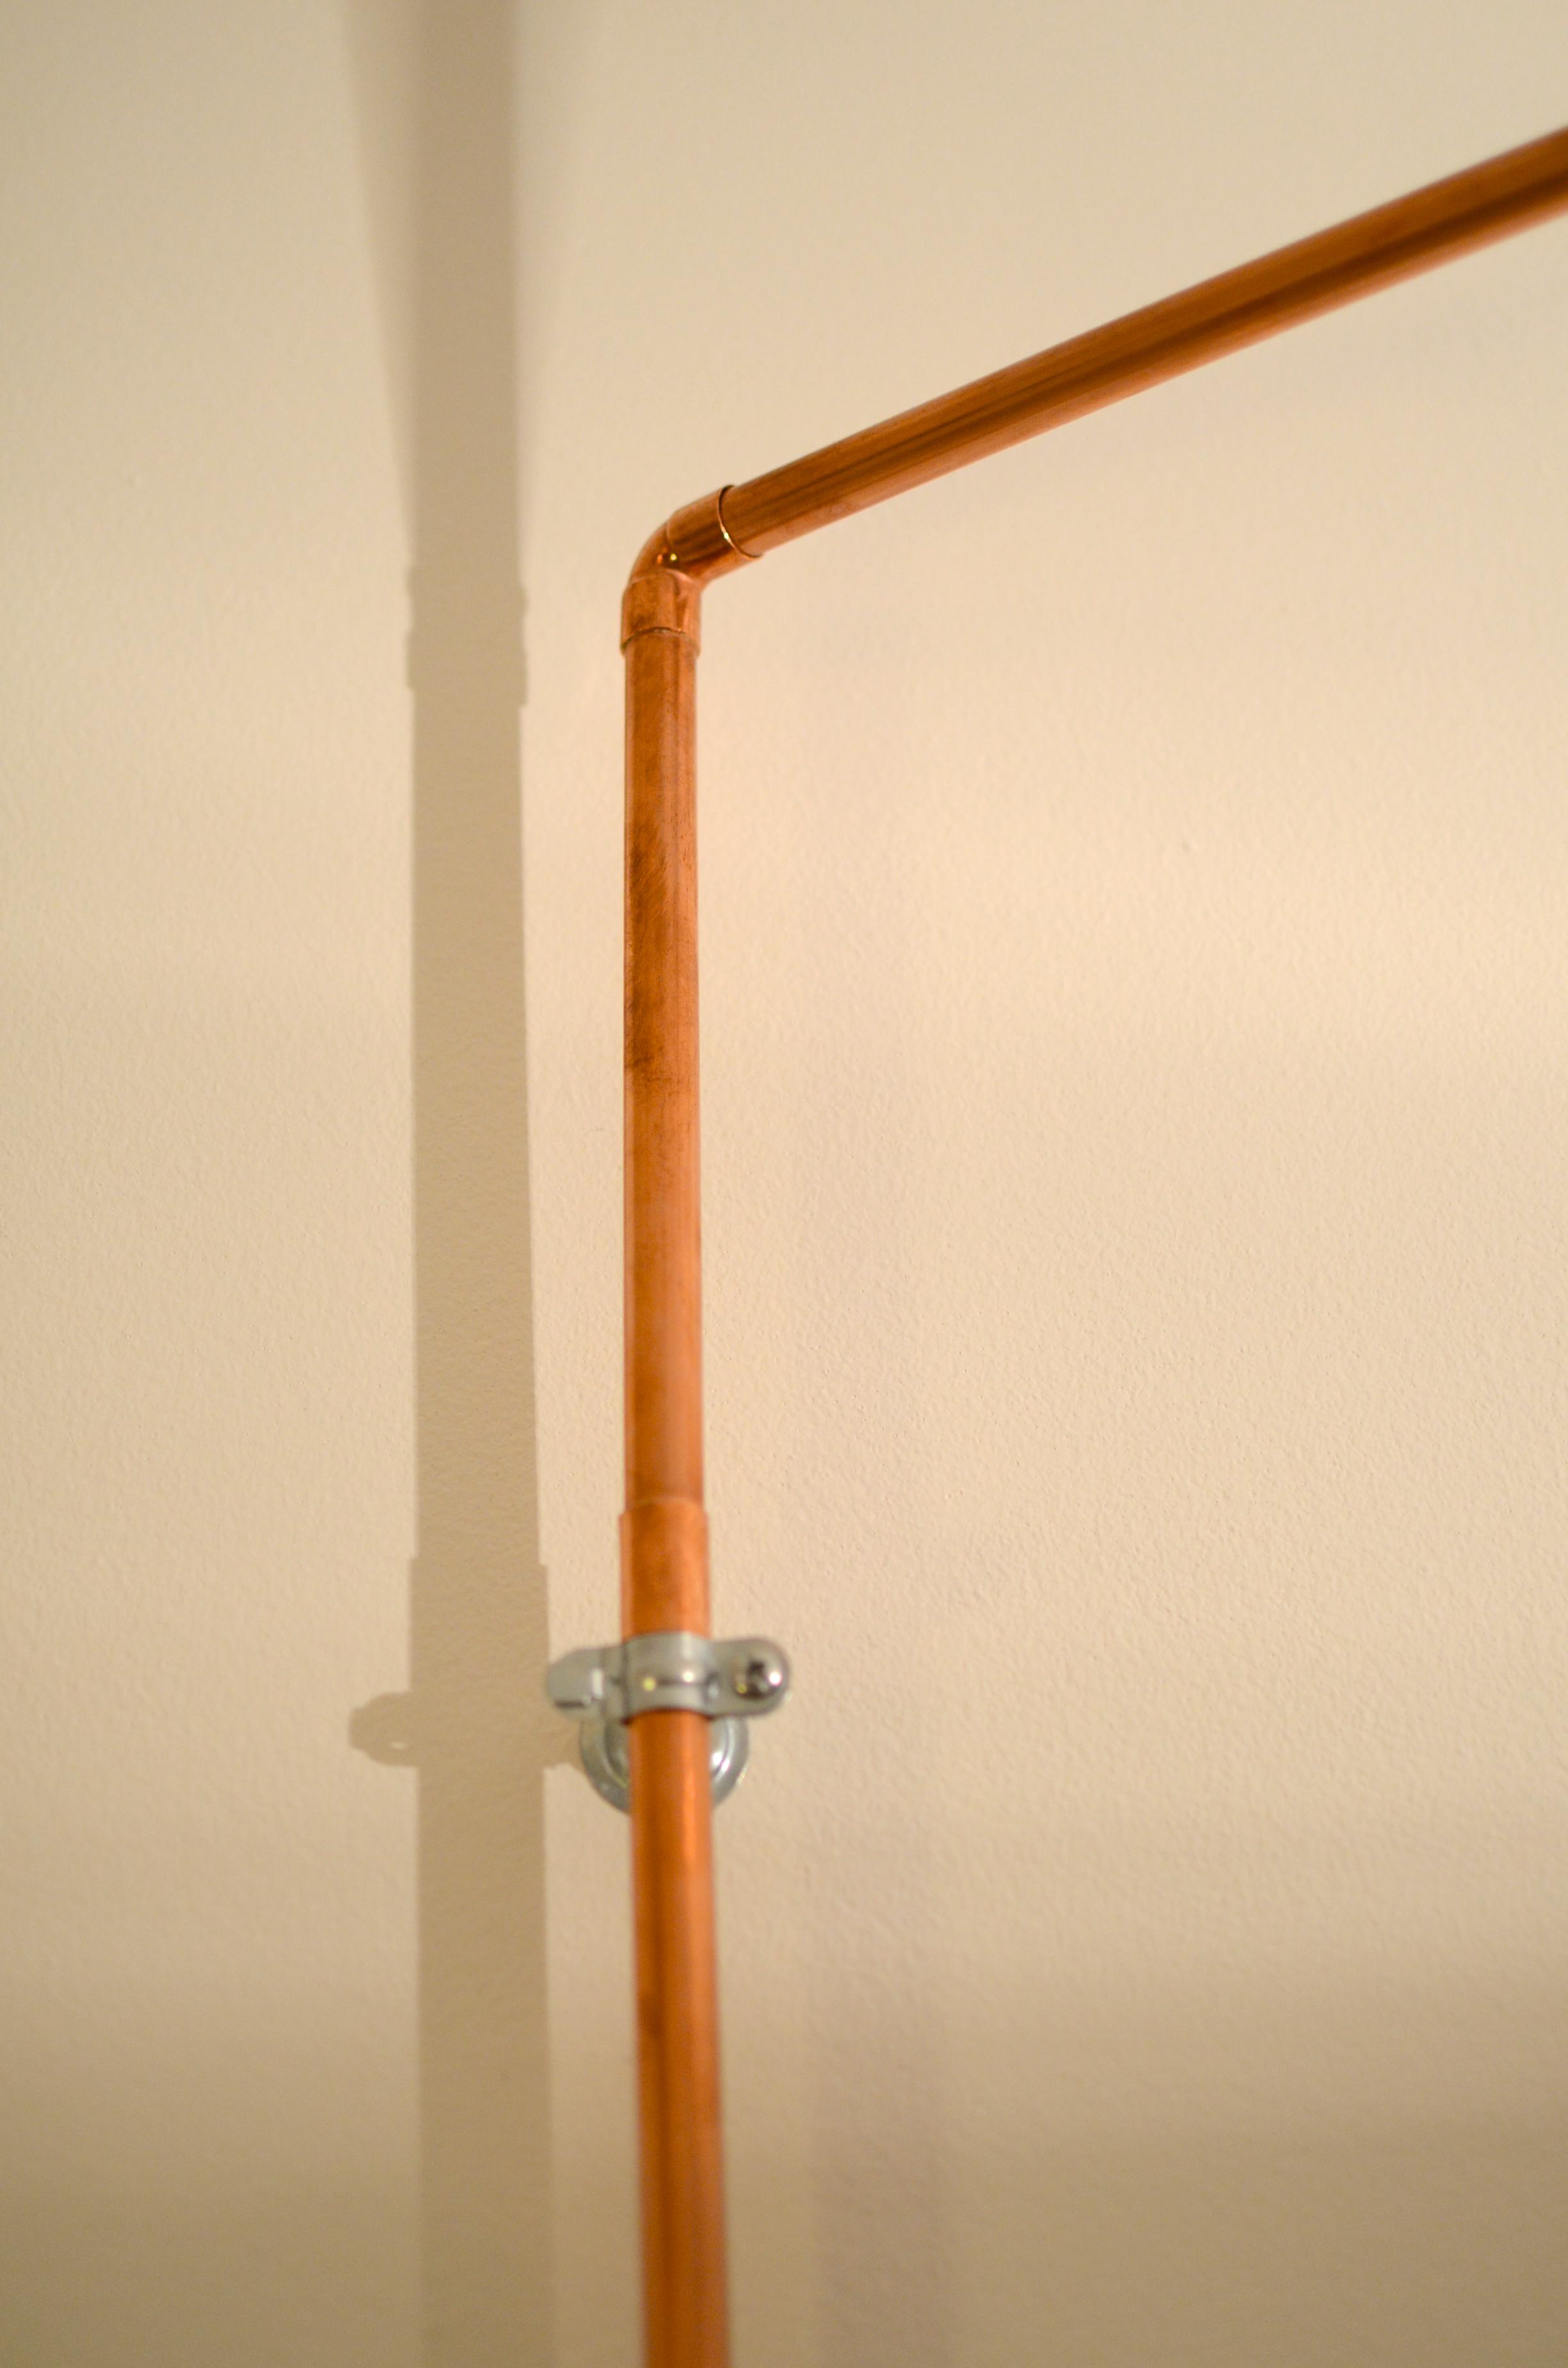 une lampe potence en cuivre diy 13 bienvenue chez coline. Black Bedroom Furniture Sets. Home Design Ideas